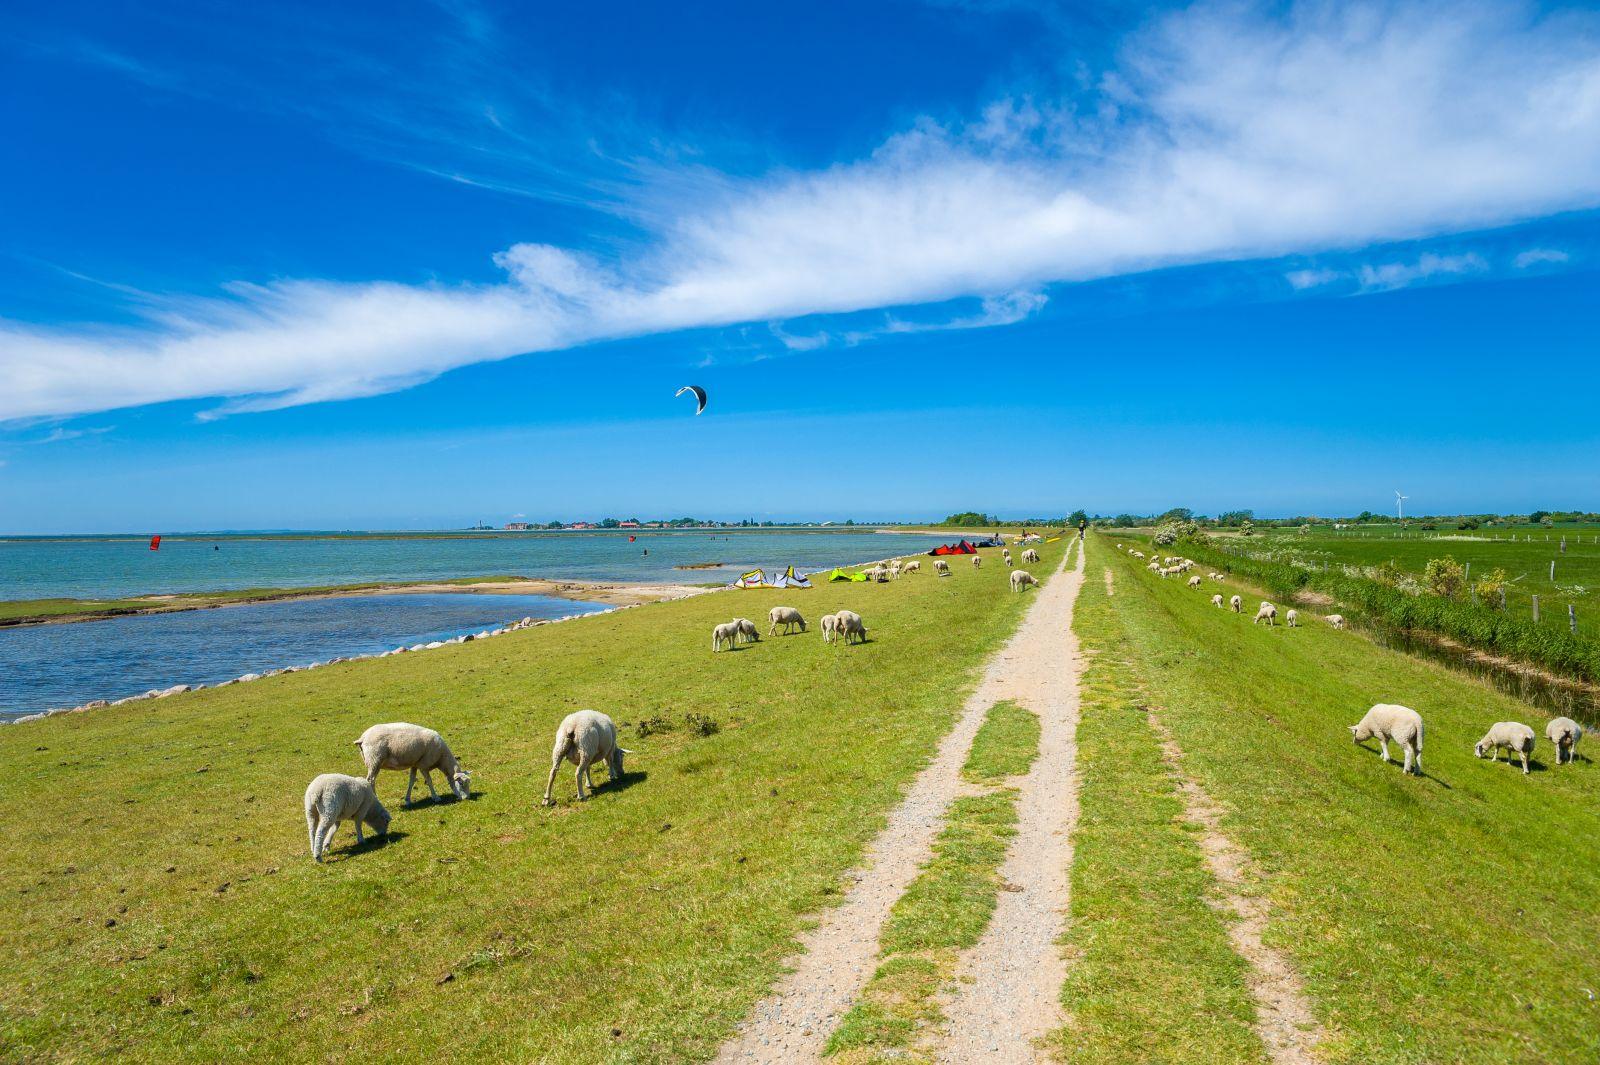 Fehmarn ist eine flache Insel, auf der man gut Spazieren gehen und radeln kann. Gute Windverhältnisse ziehen Wassersportler aller Art an. ©Jürgen Wackenhut/AdobeStock